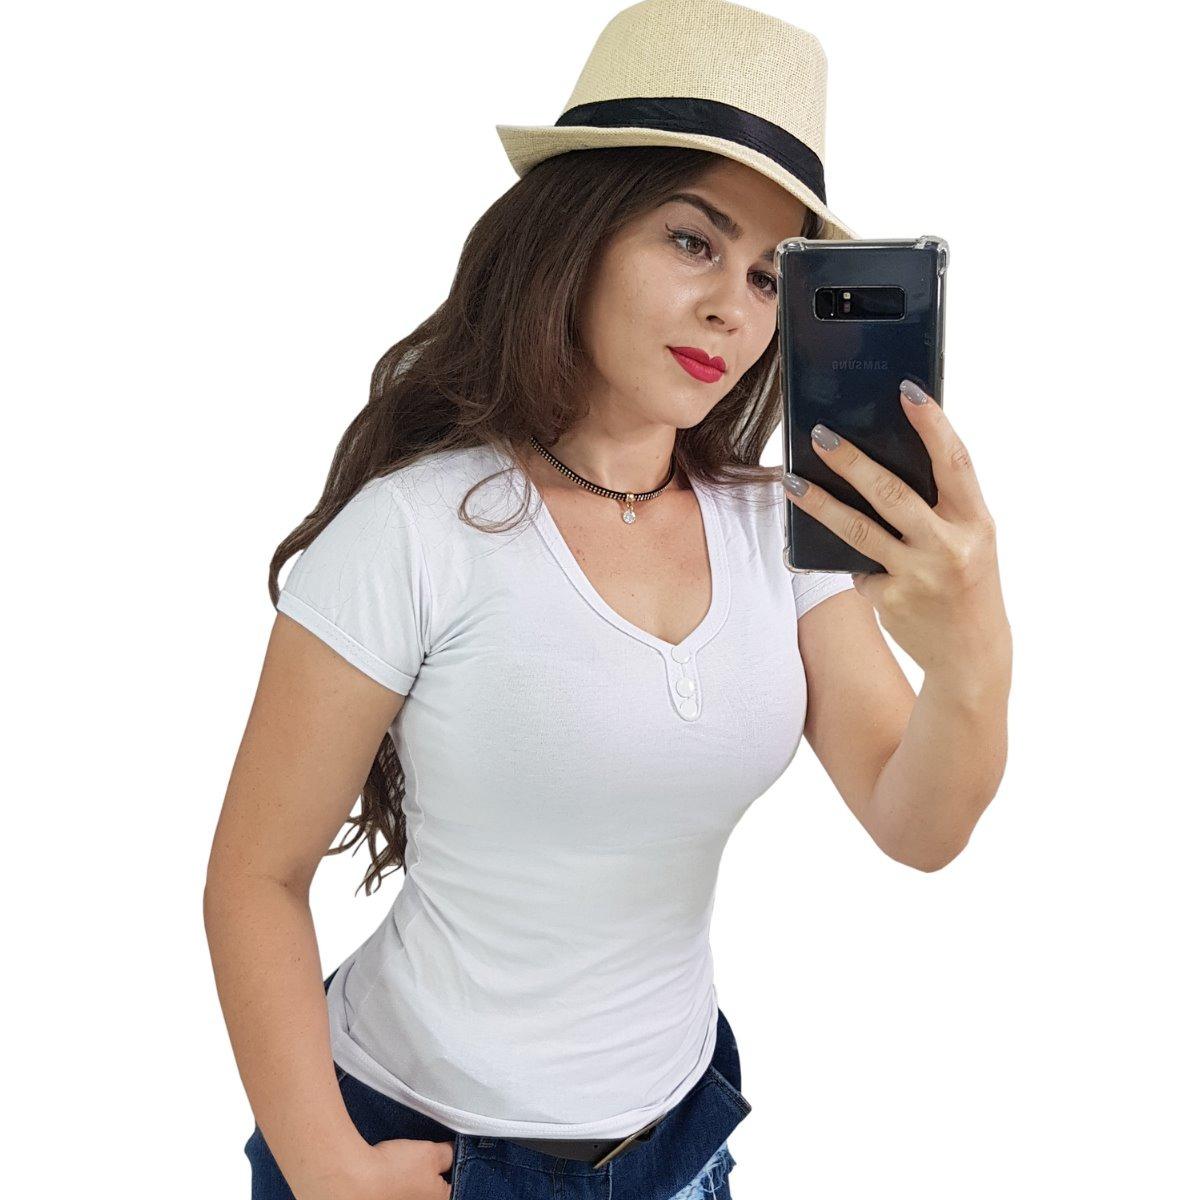 cf64022771 Kit 10 Camisetas Blusas Camisas Femininas Roupas Revenda Top - R ...